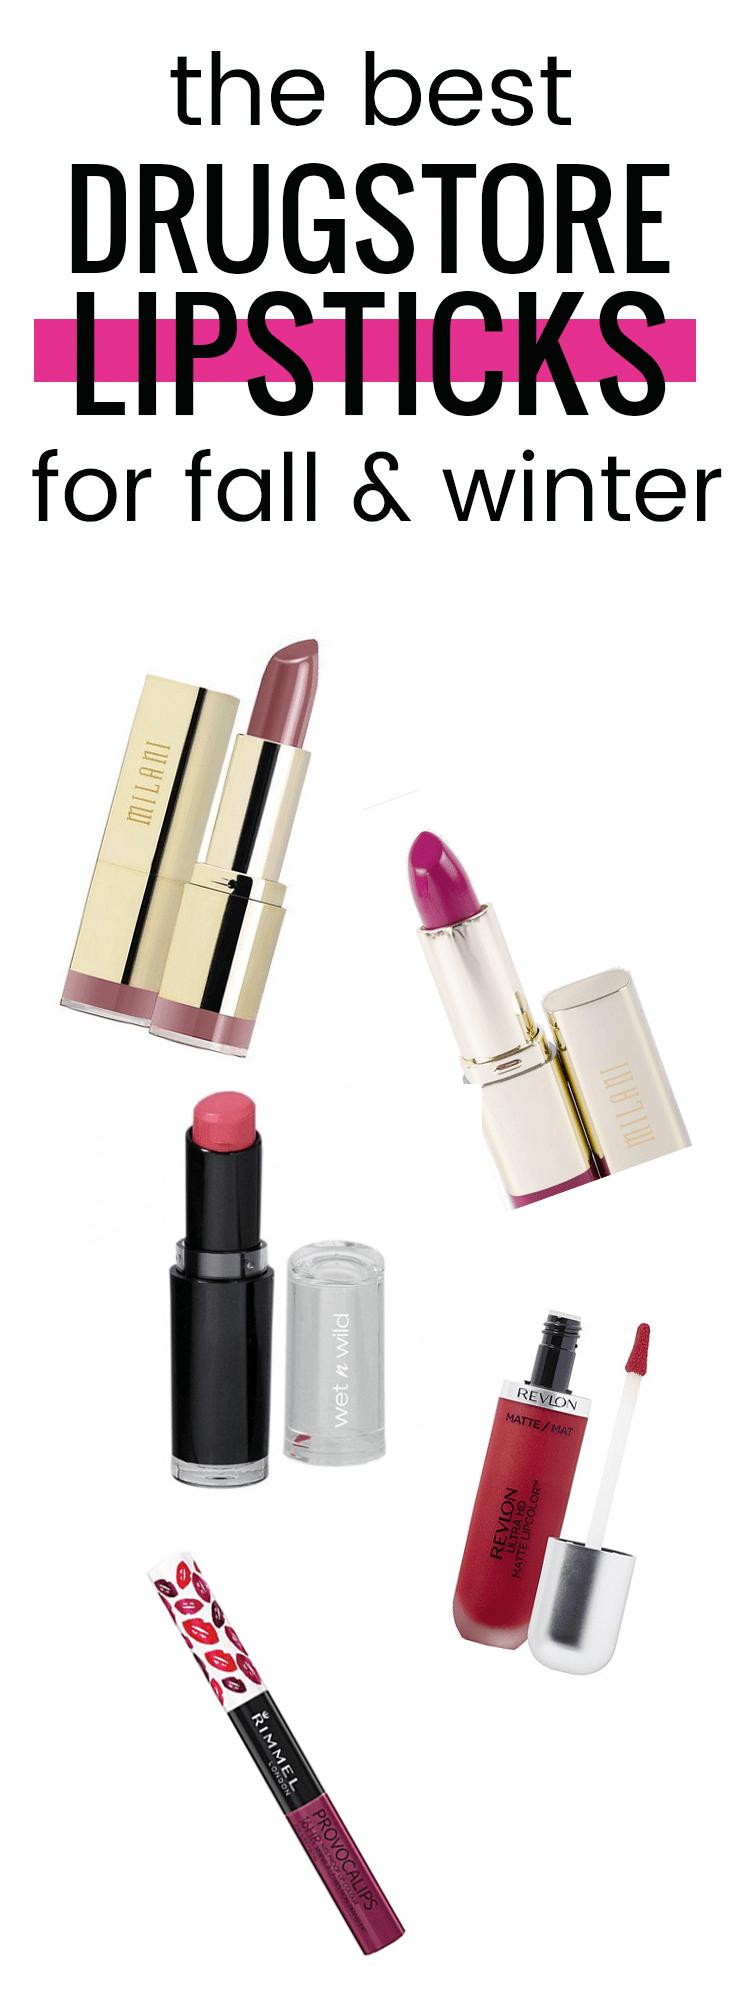 Die besten Lippenstifte für Drogerien im Herbst und Winter. Lieben Sie diese tieferen Farben !! #Ha…